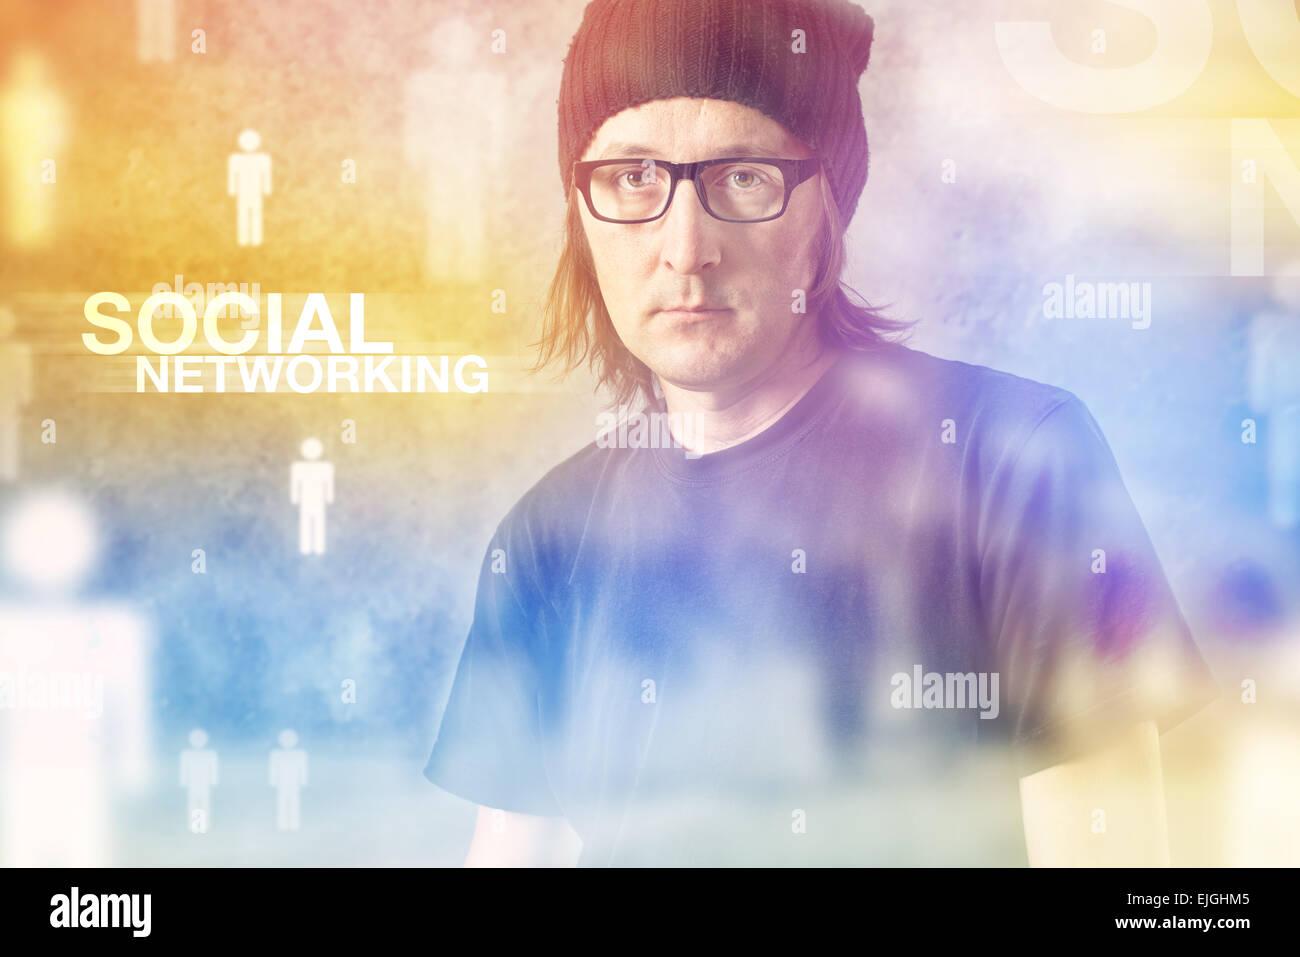 Concept de réseau social avec l'homme et les gens à l'arrière-plan flou Photo Stock